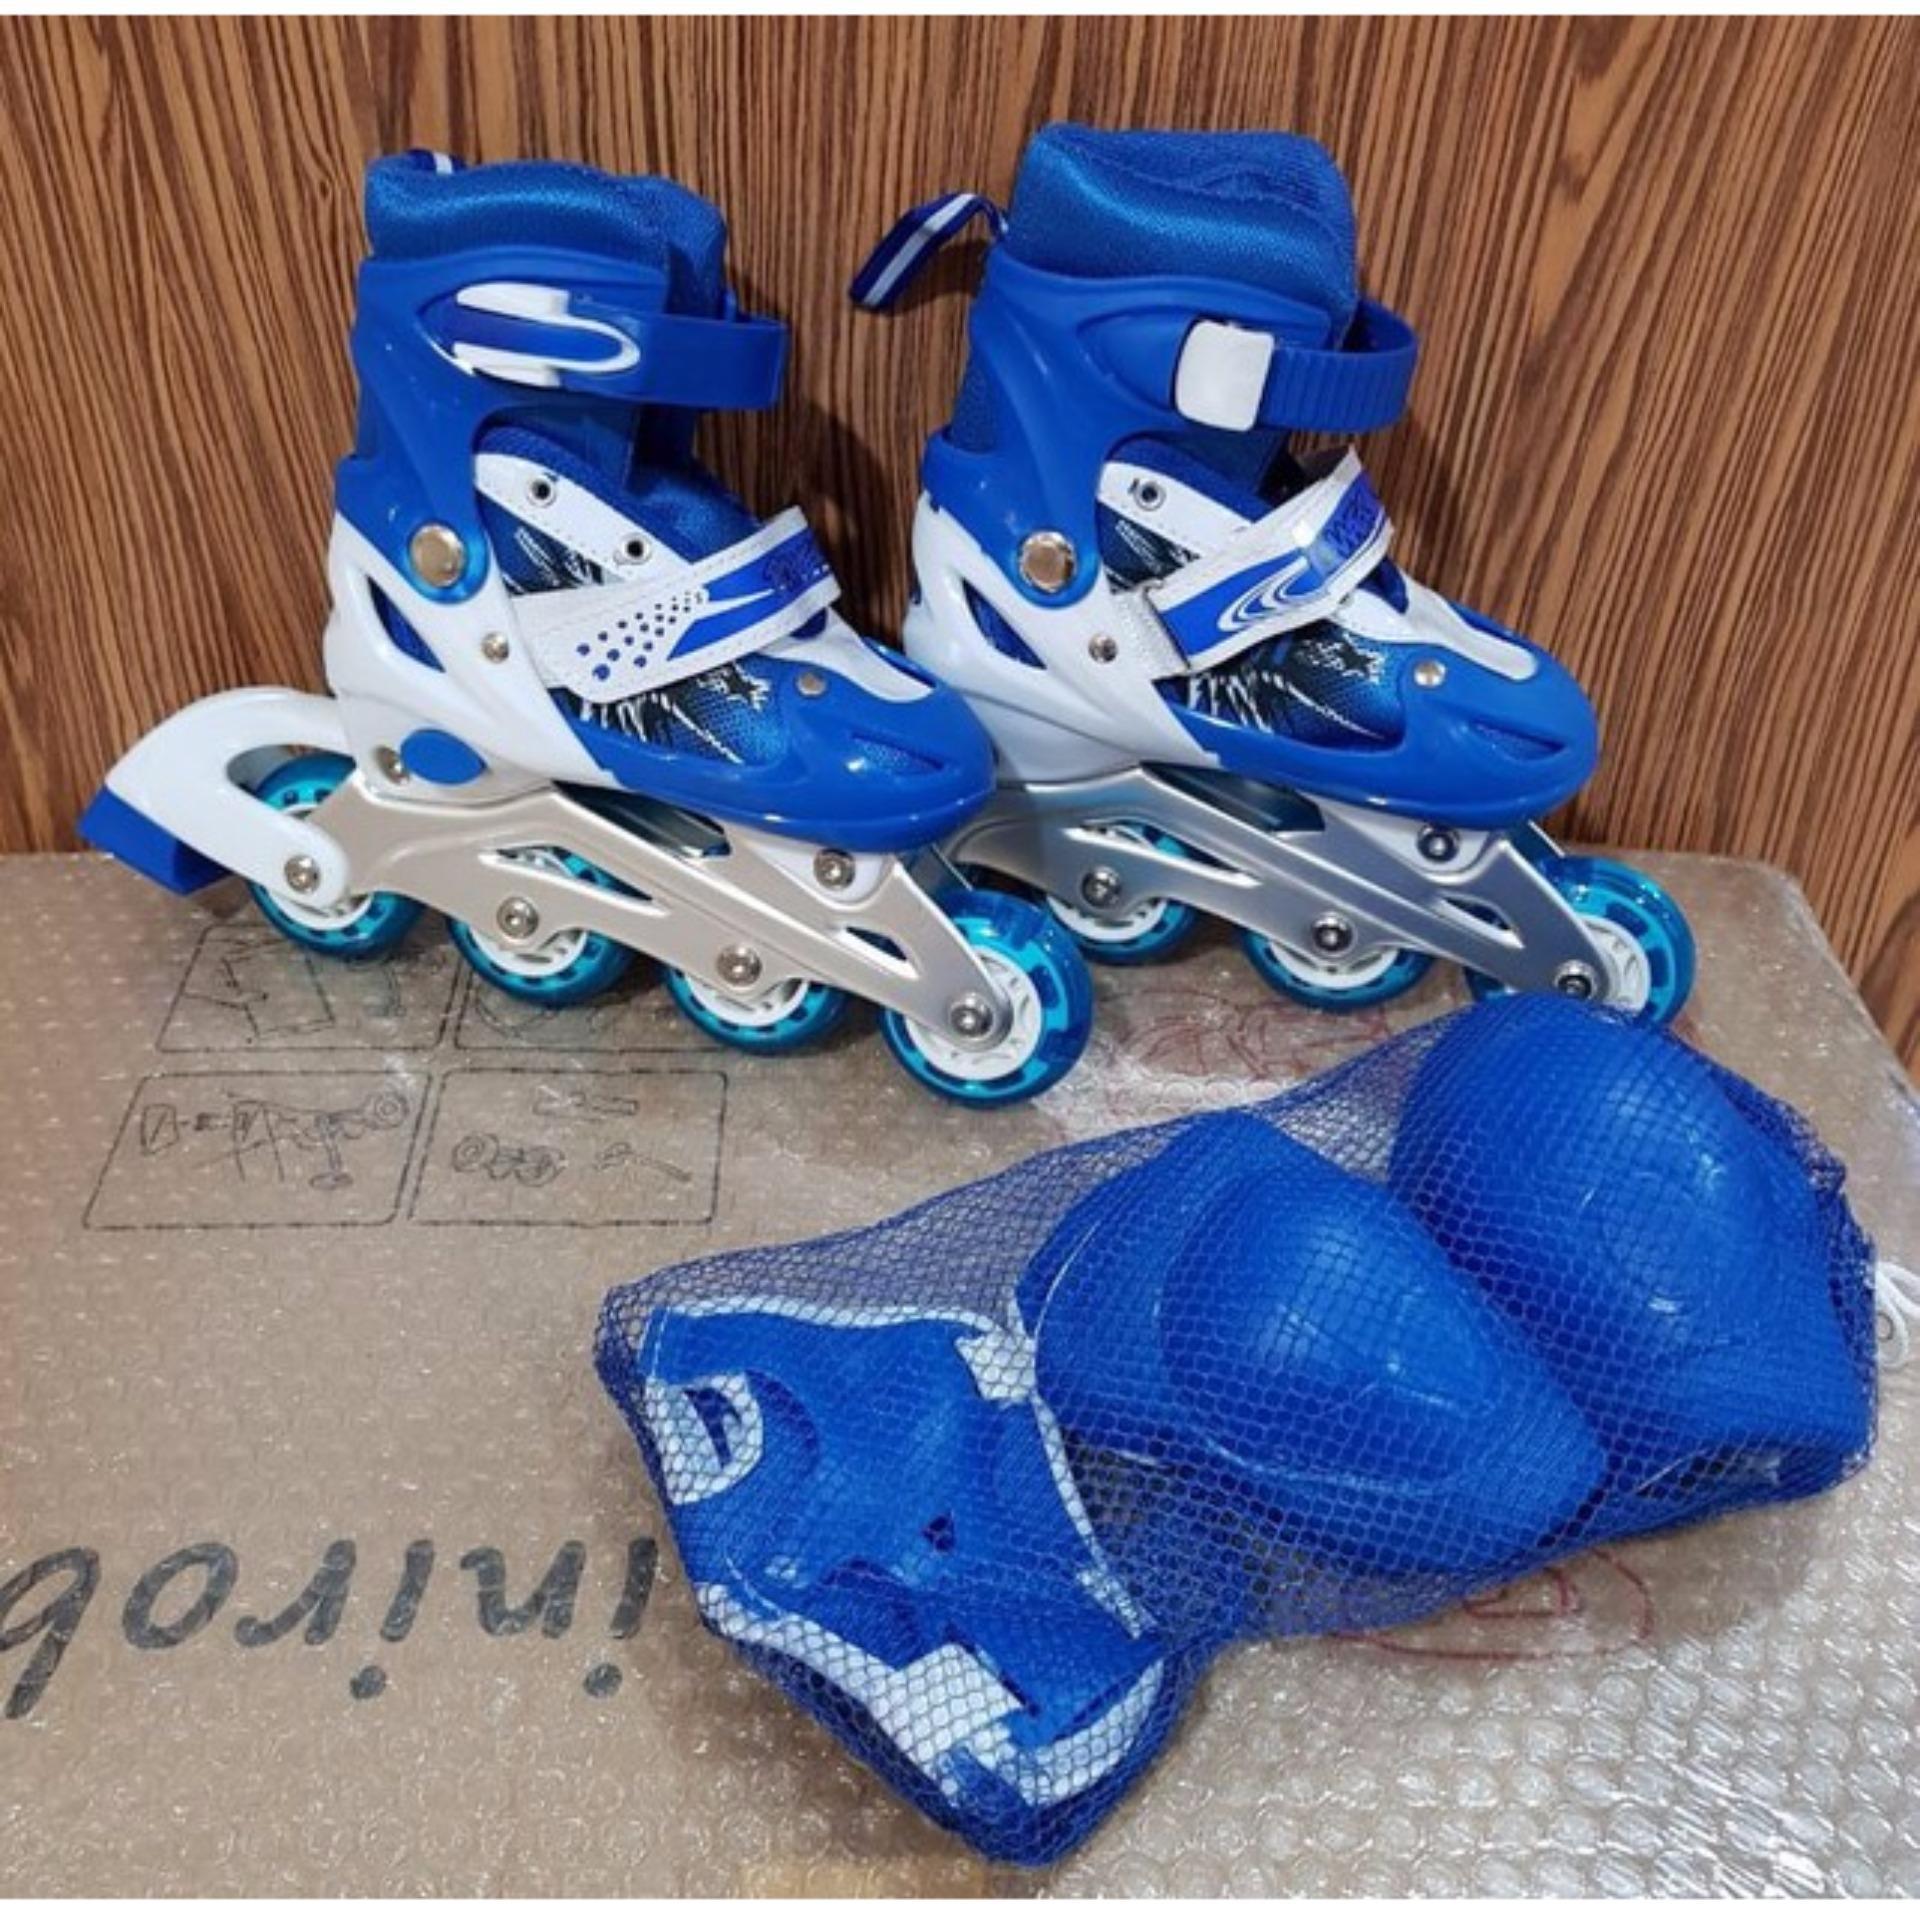 Power Passion Sepatu Roda Inline Karet Pelangi Sepaturoda Anak Cougar Skate  C1 Blu Size 35 38 5d077b5321